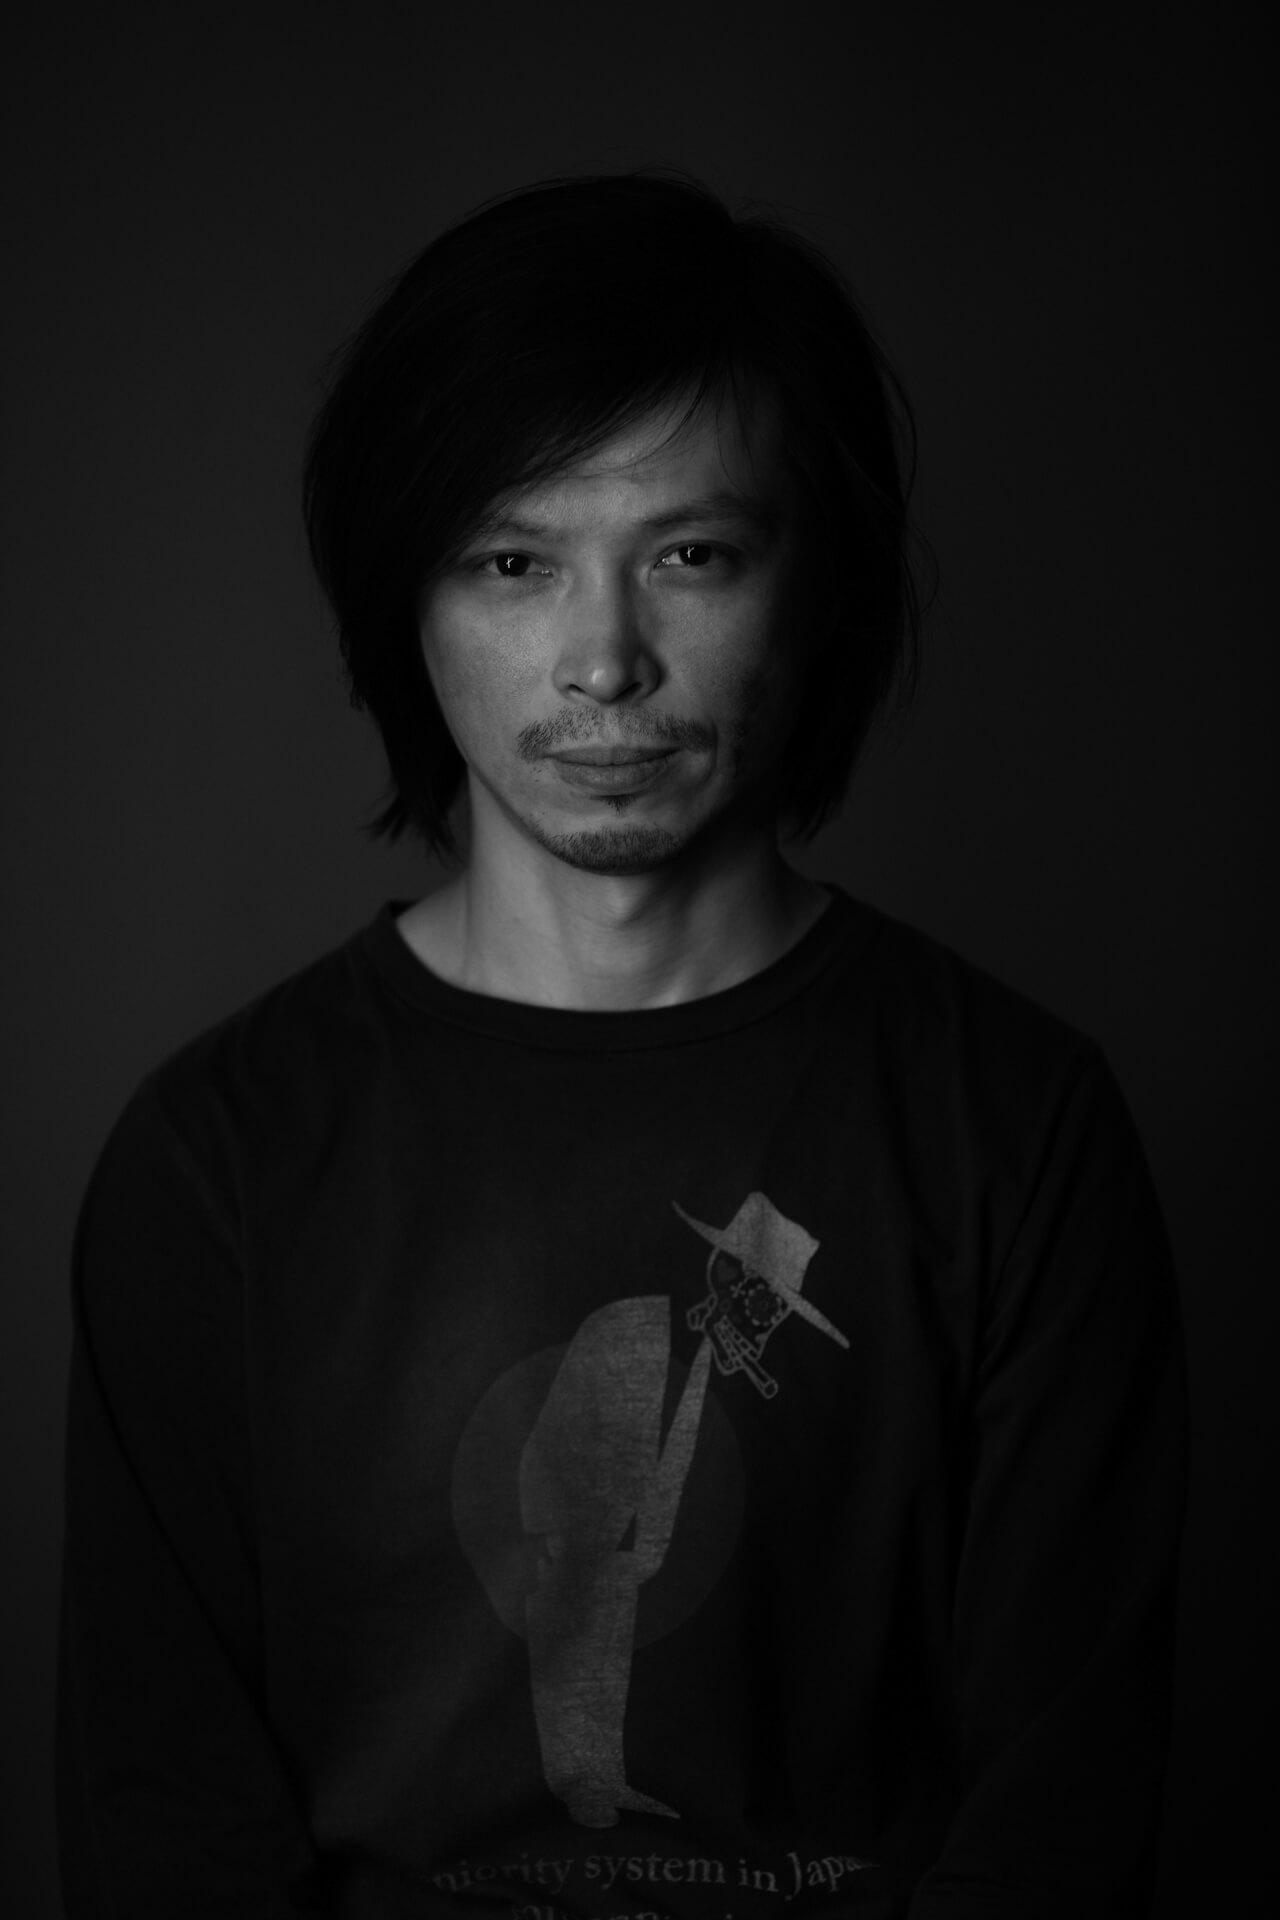 今年のカウントダウンはCIRCUSで!CIRCUS OSAKAでFUMIYA TANAKA、AOKI takamasa、CIRCUS TOKYOでAndroid52らが出演カウントダウンイベント開催 music191213_circus_countdown_2